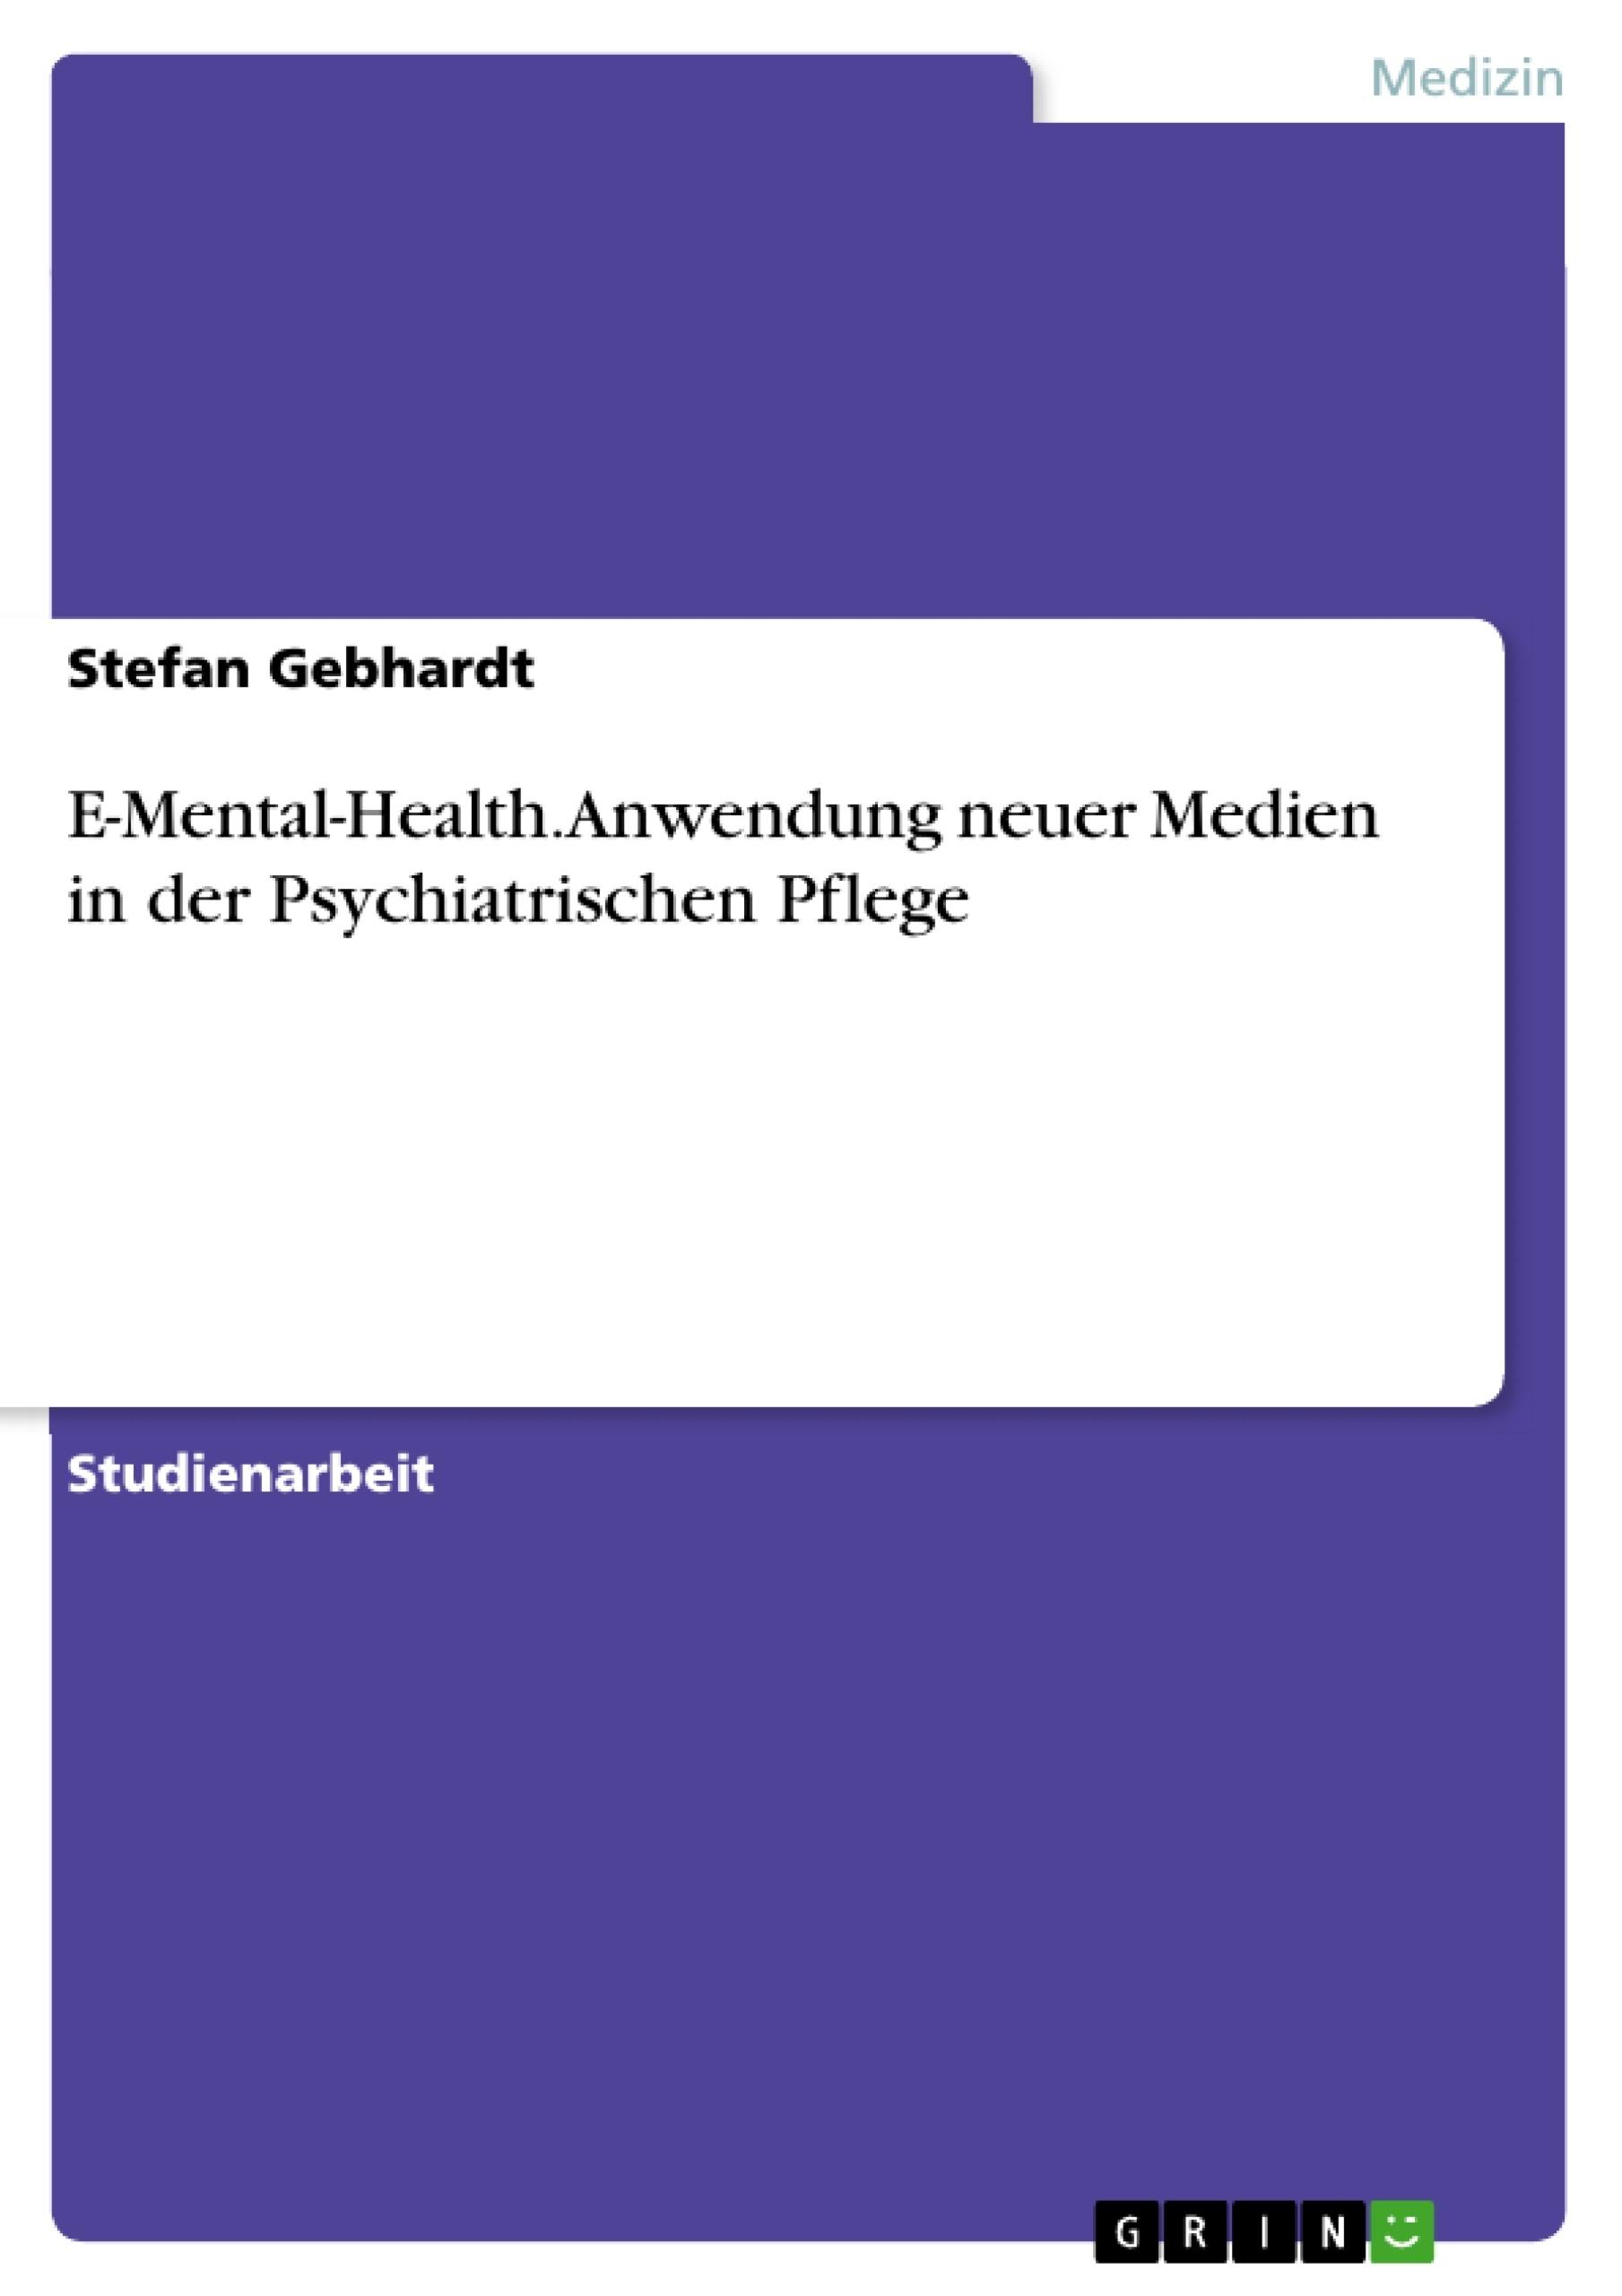 Titel: E-Mental-Health. Anwendung neuer Medien in der Psychiatrischen Pflege